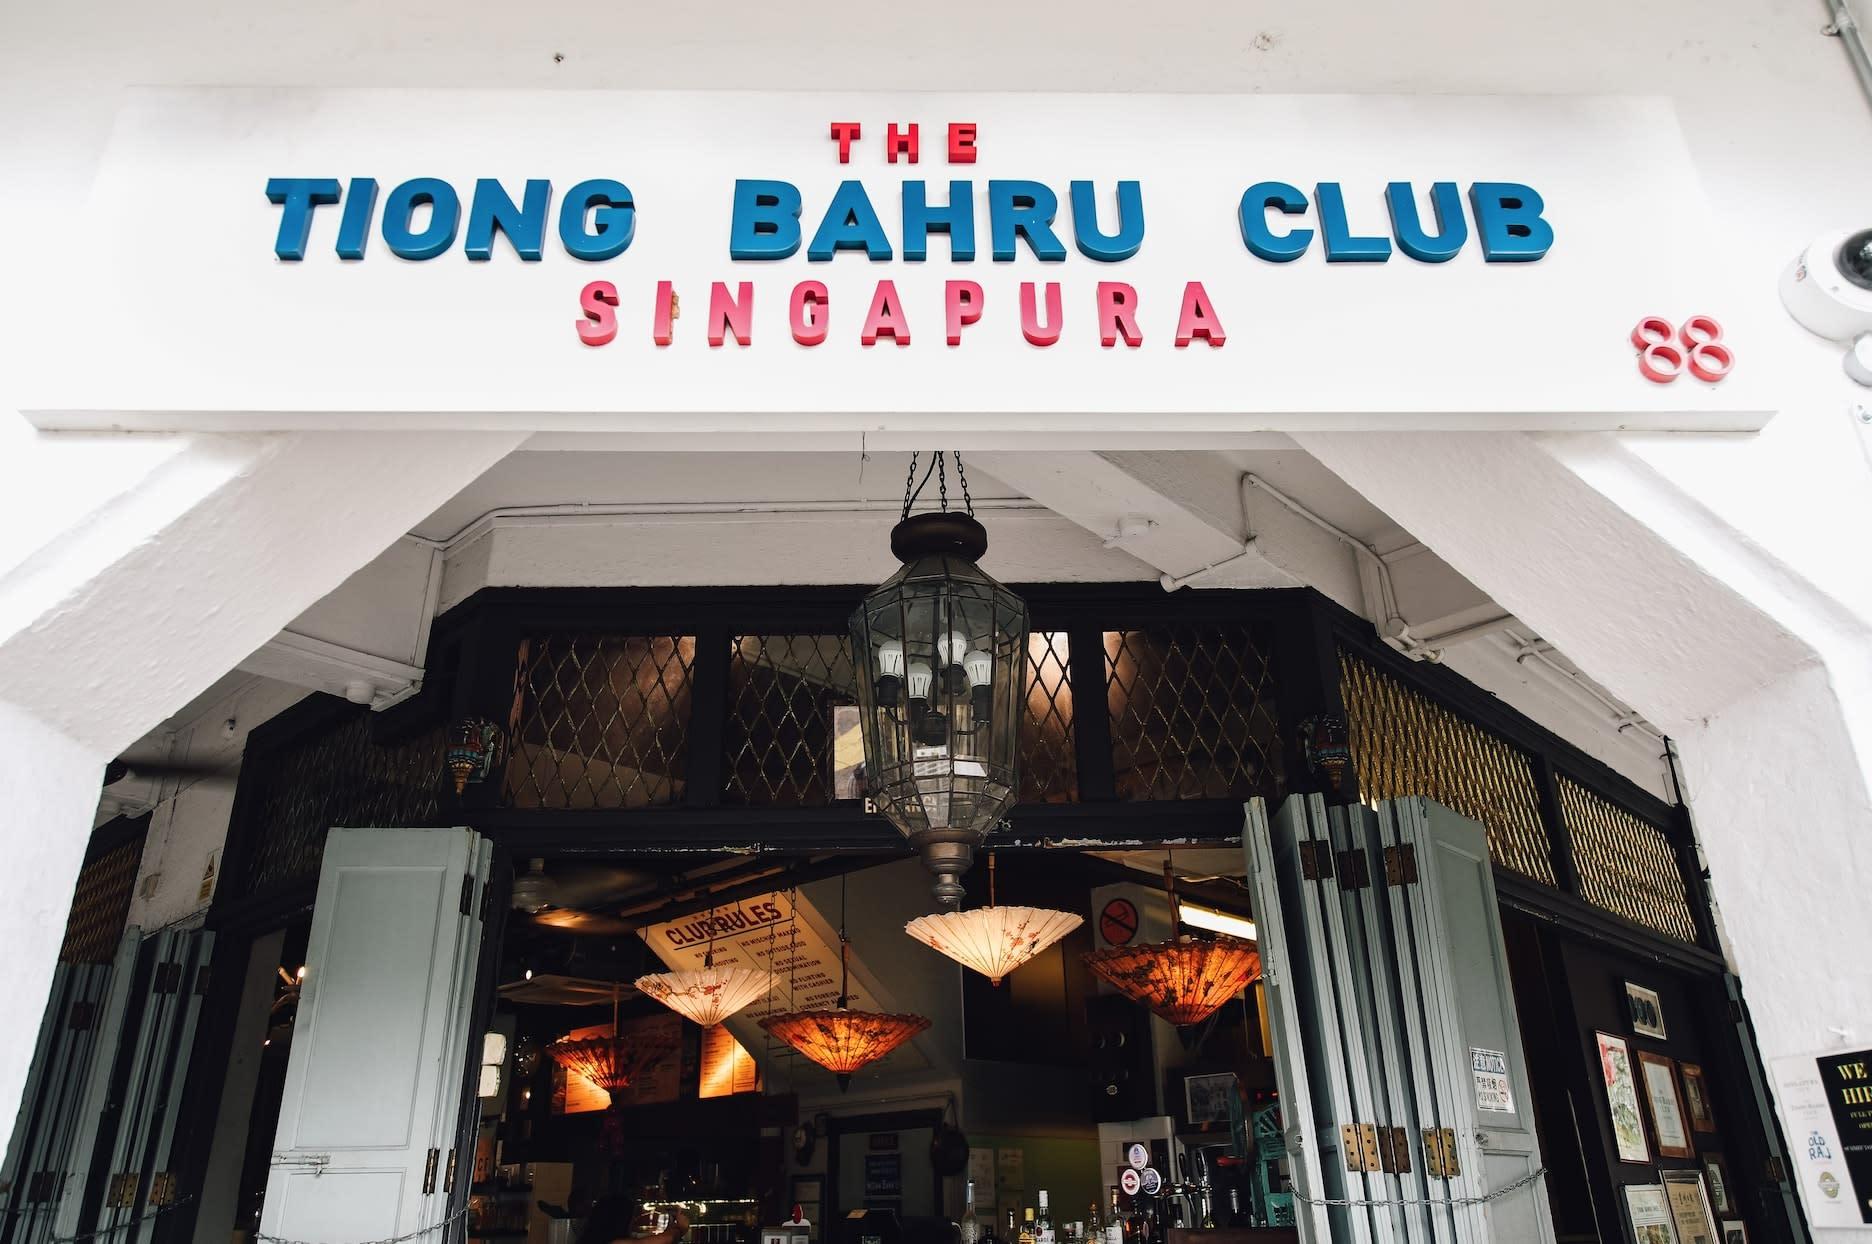 the tiong bahru club